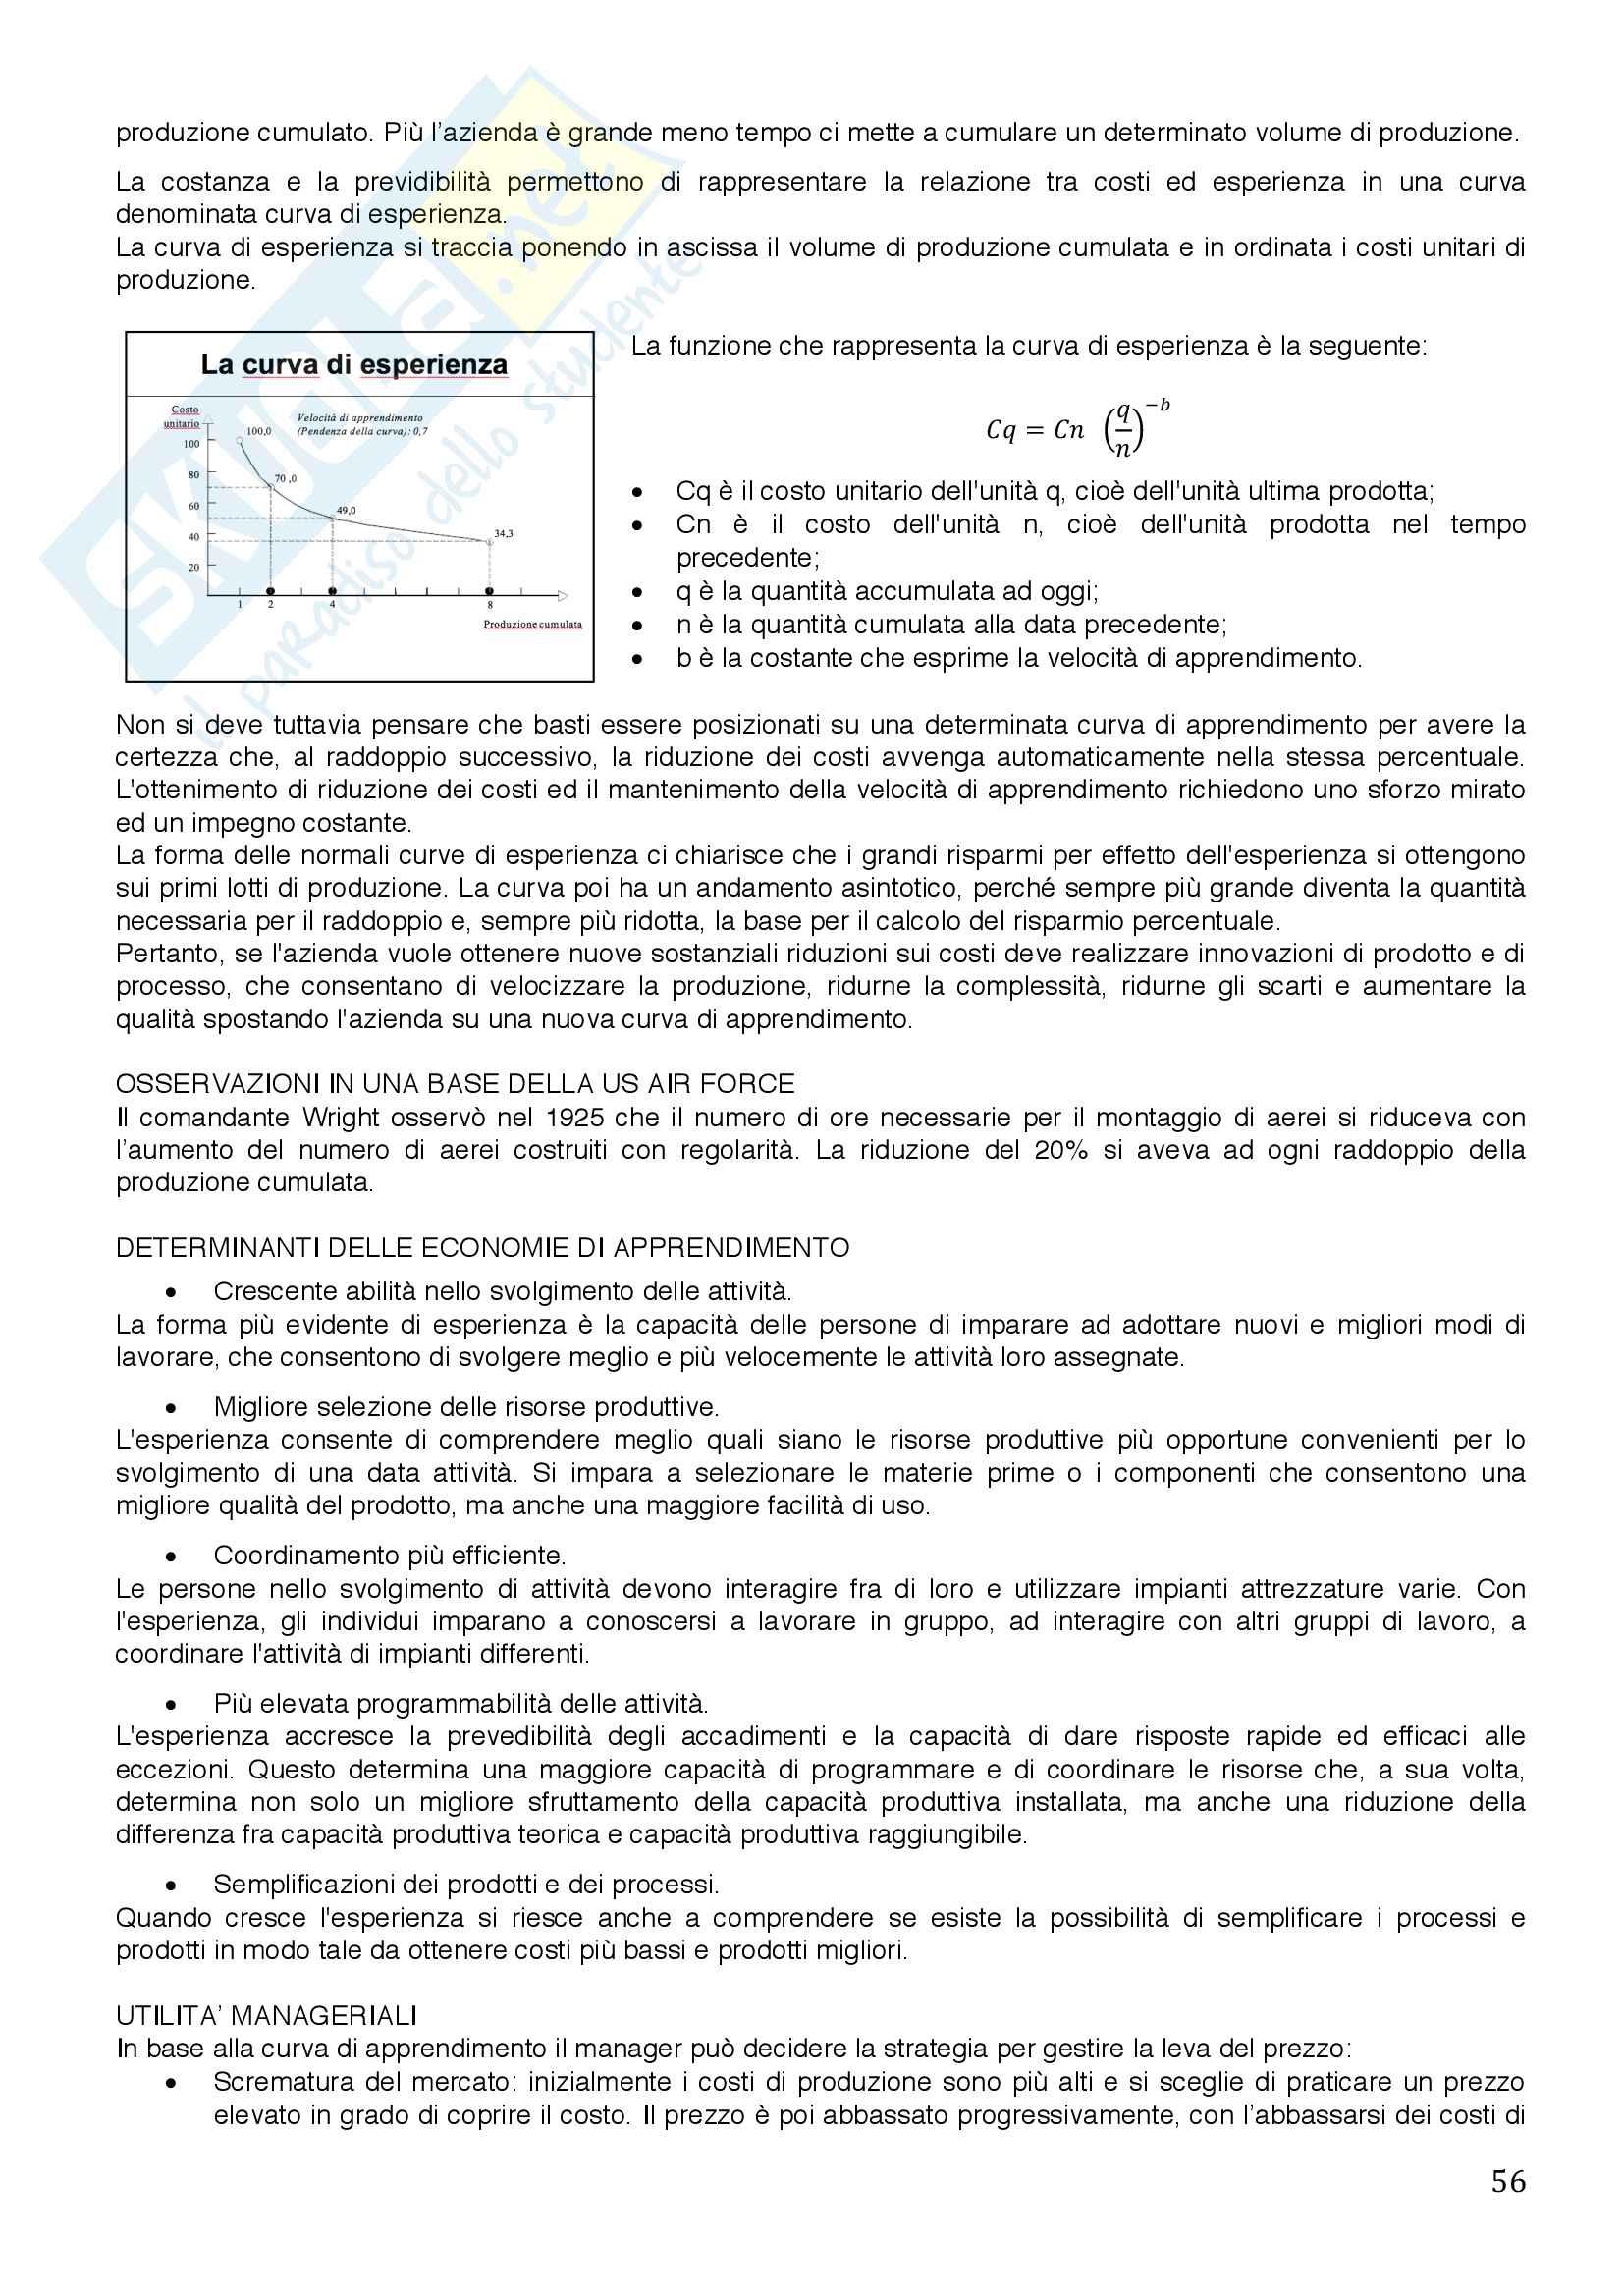 Economia aziendale Pag. 56